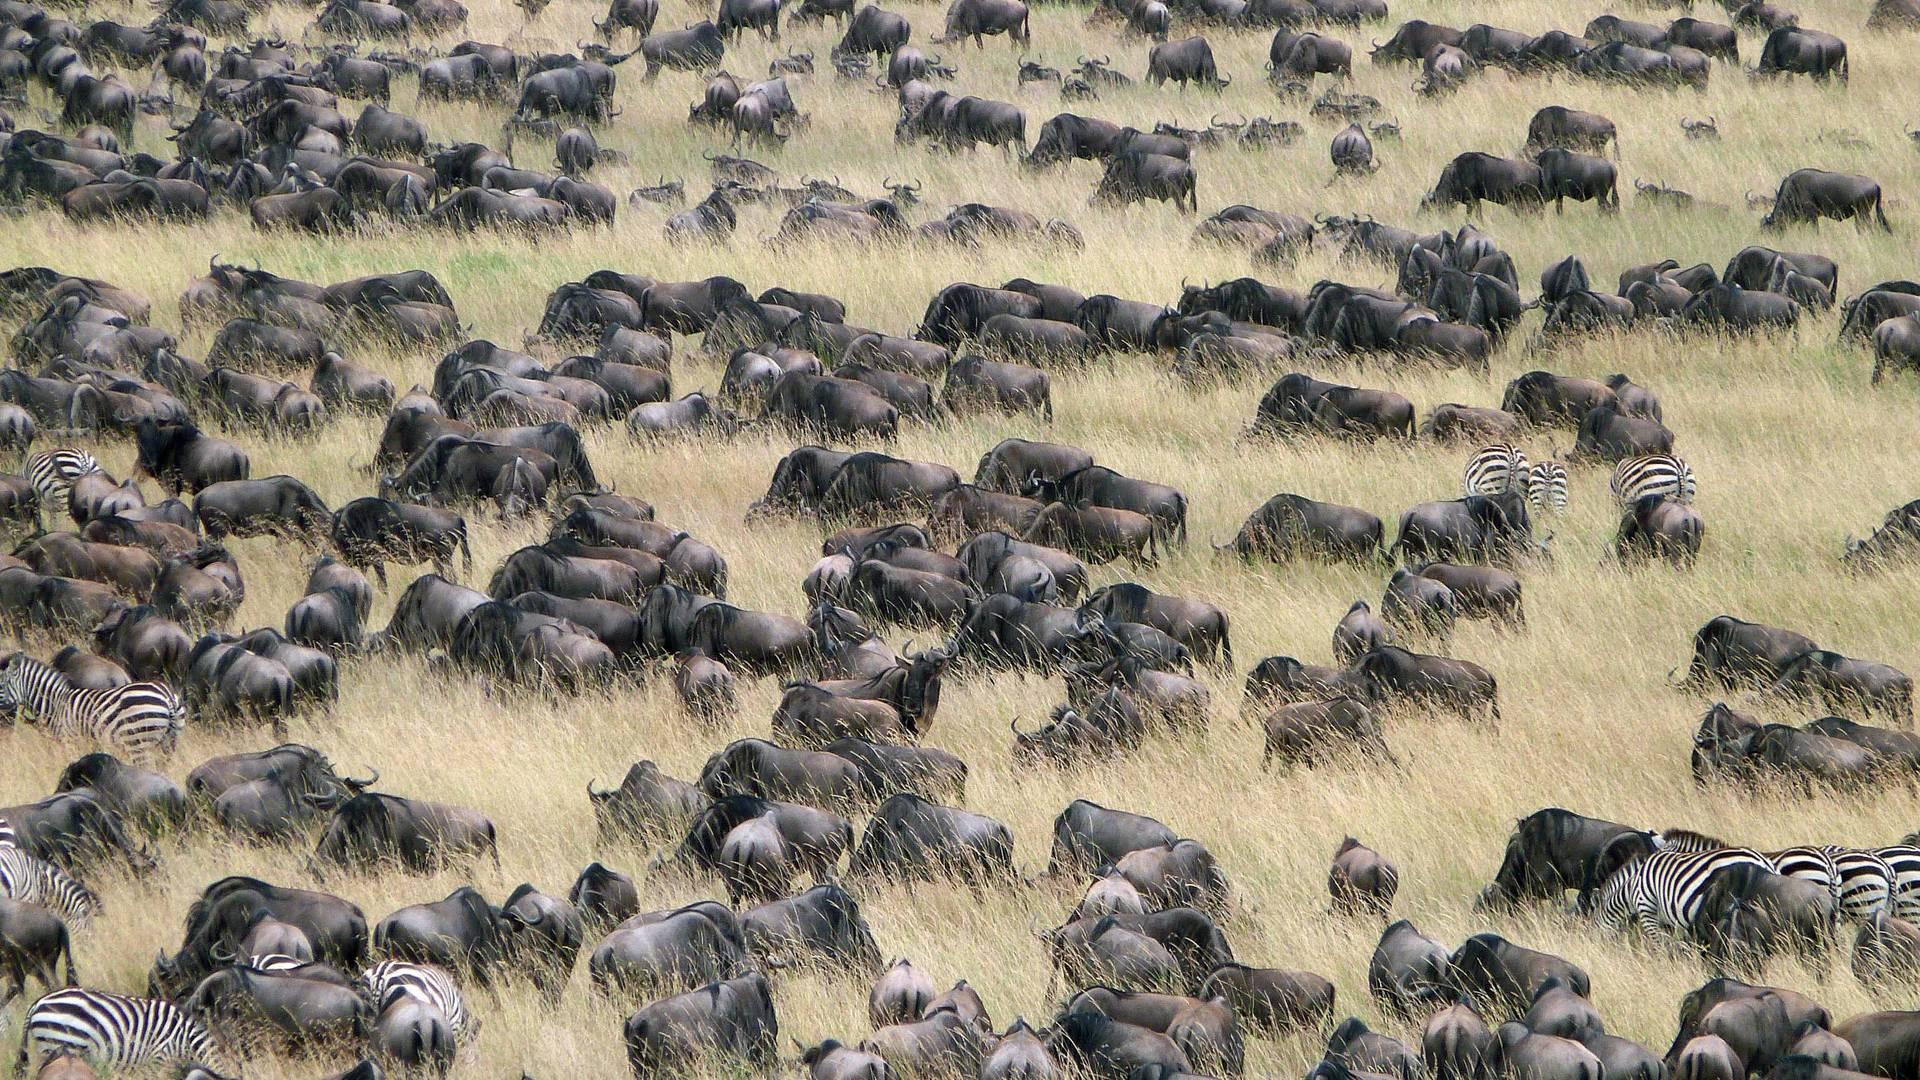 Migratie in de Serengeti